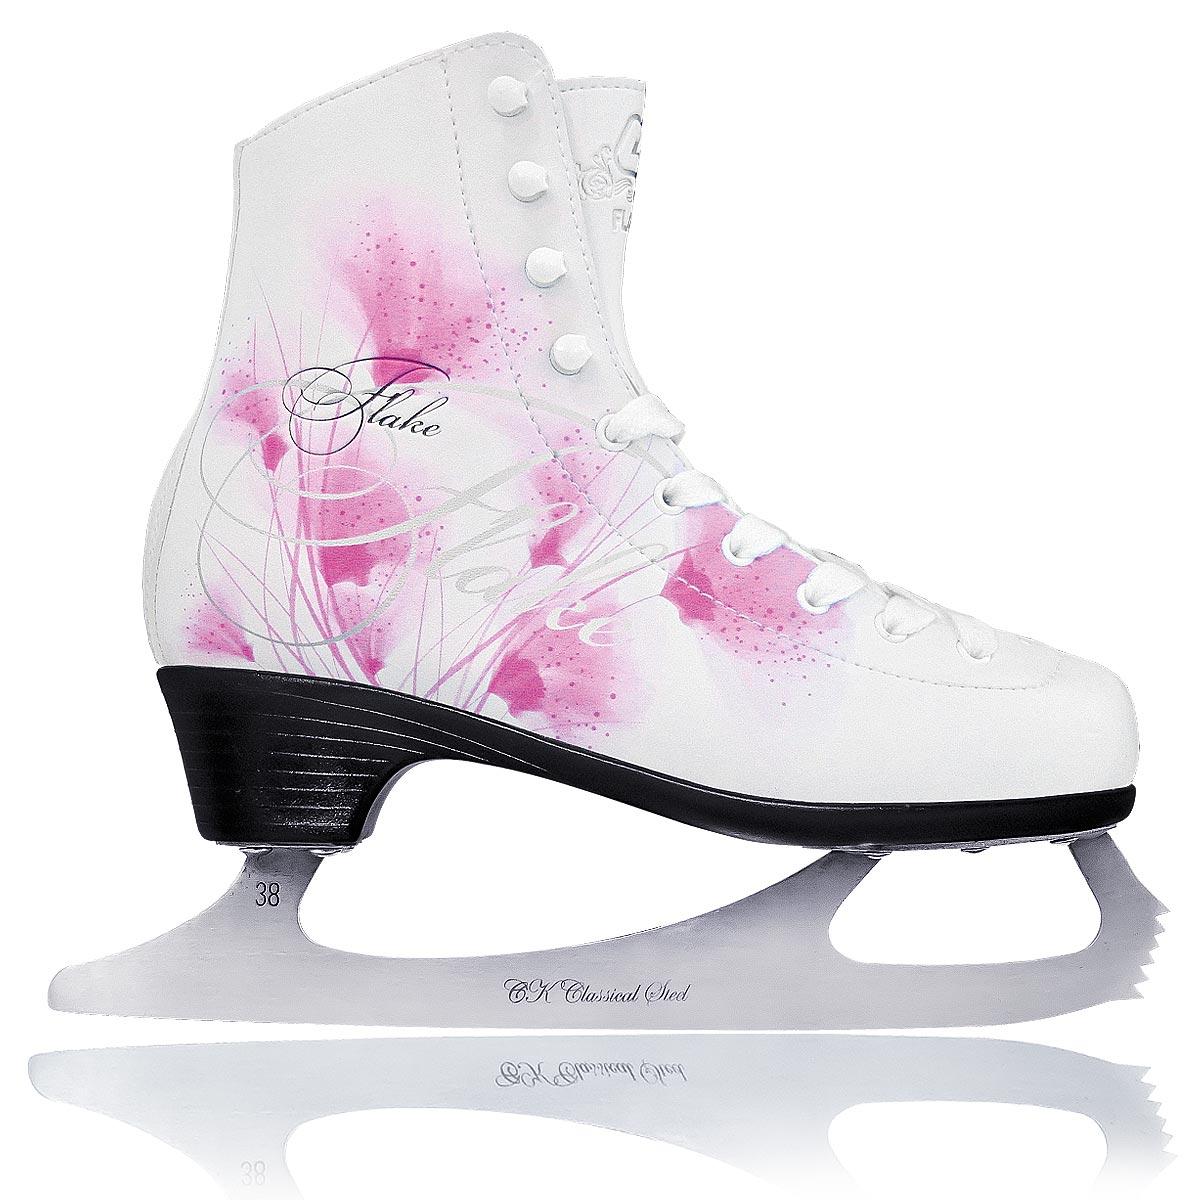 Коньки фигурные для девочки CK Flake Leather, цвет: белый, фуксия. Размер 35, СК